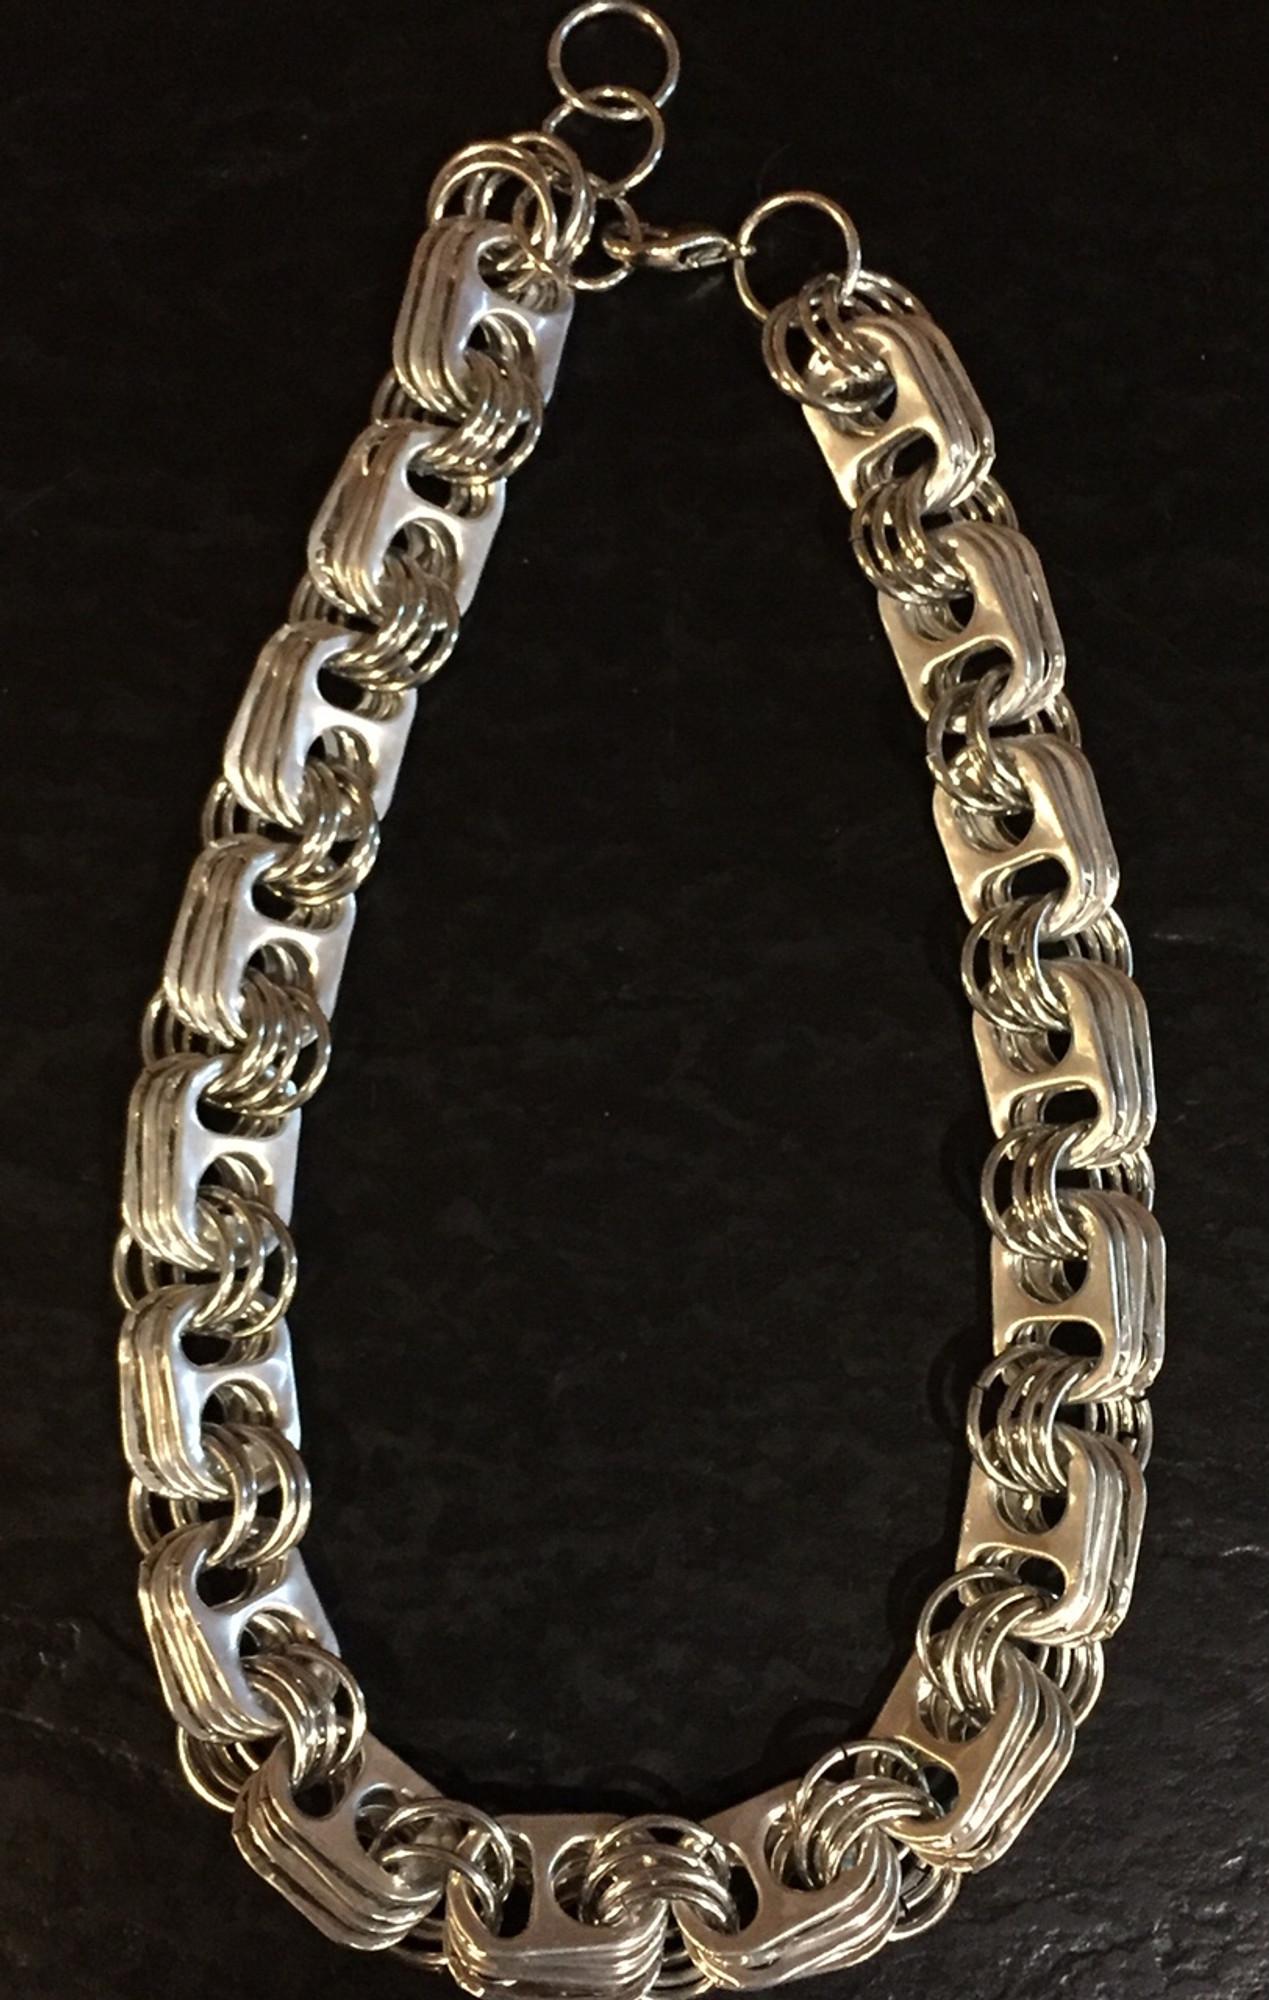 Soda tab necklace